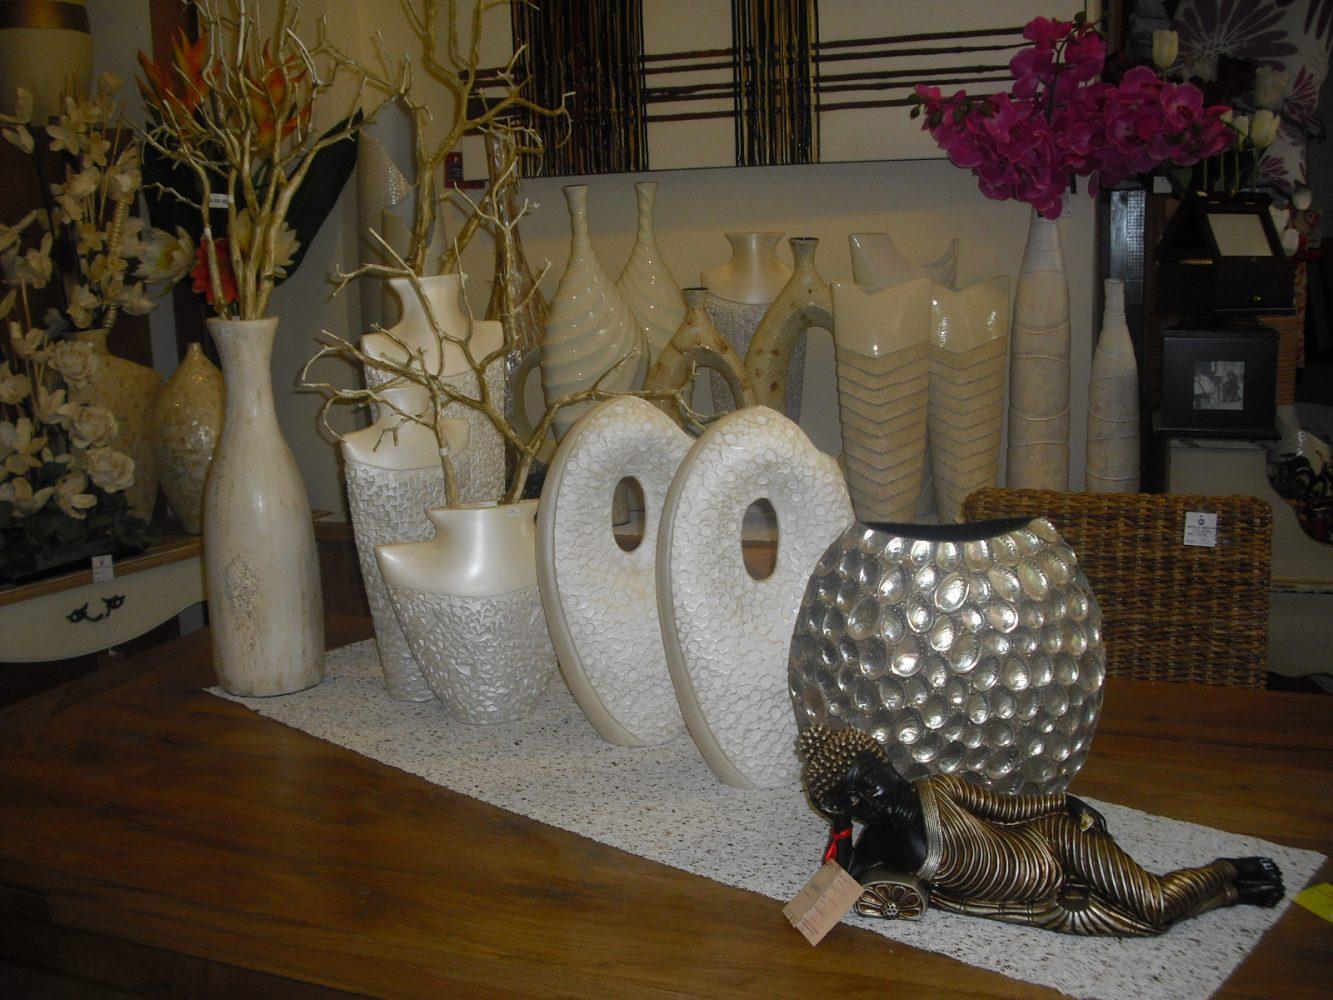 Artículos de decoración en Portocristo